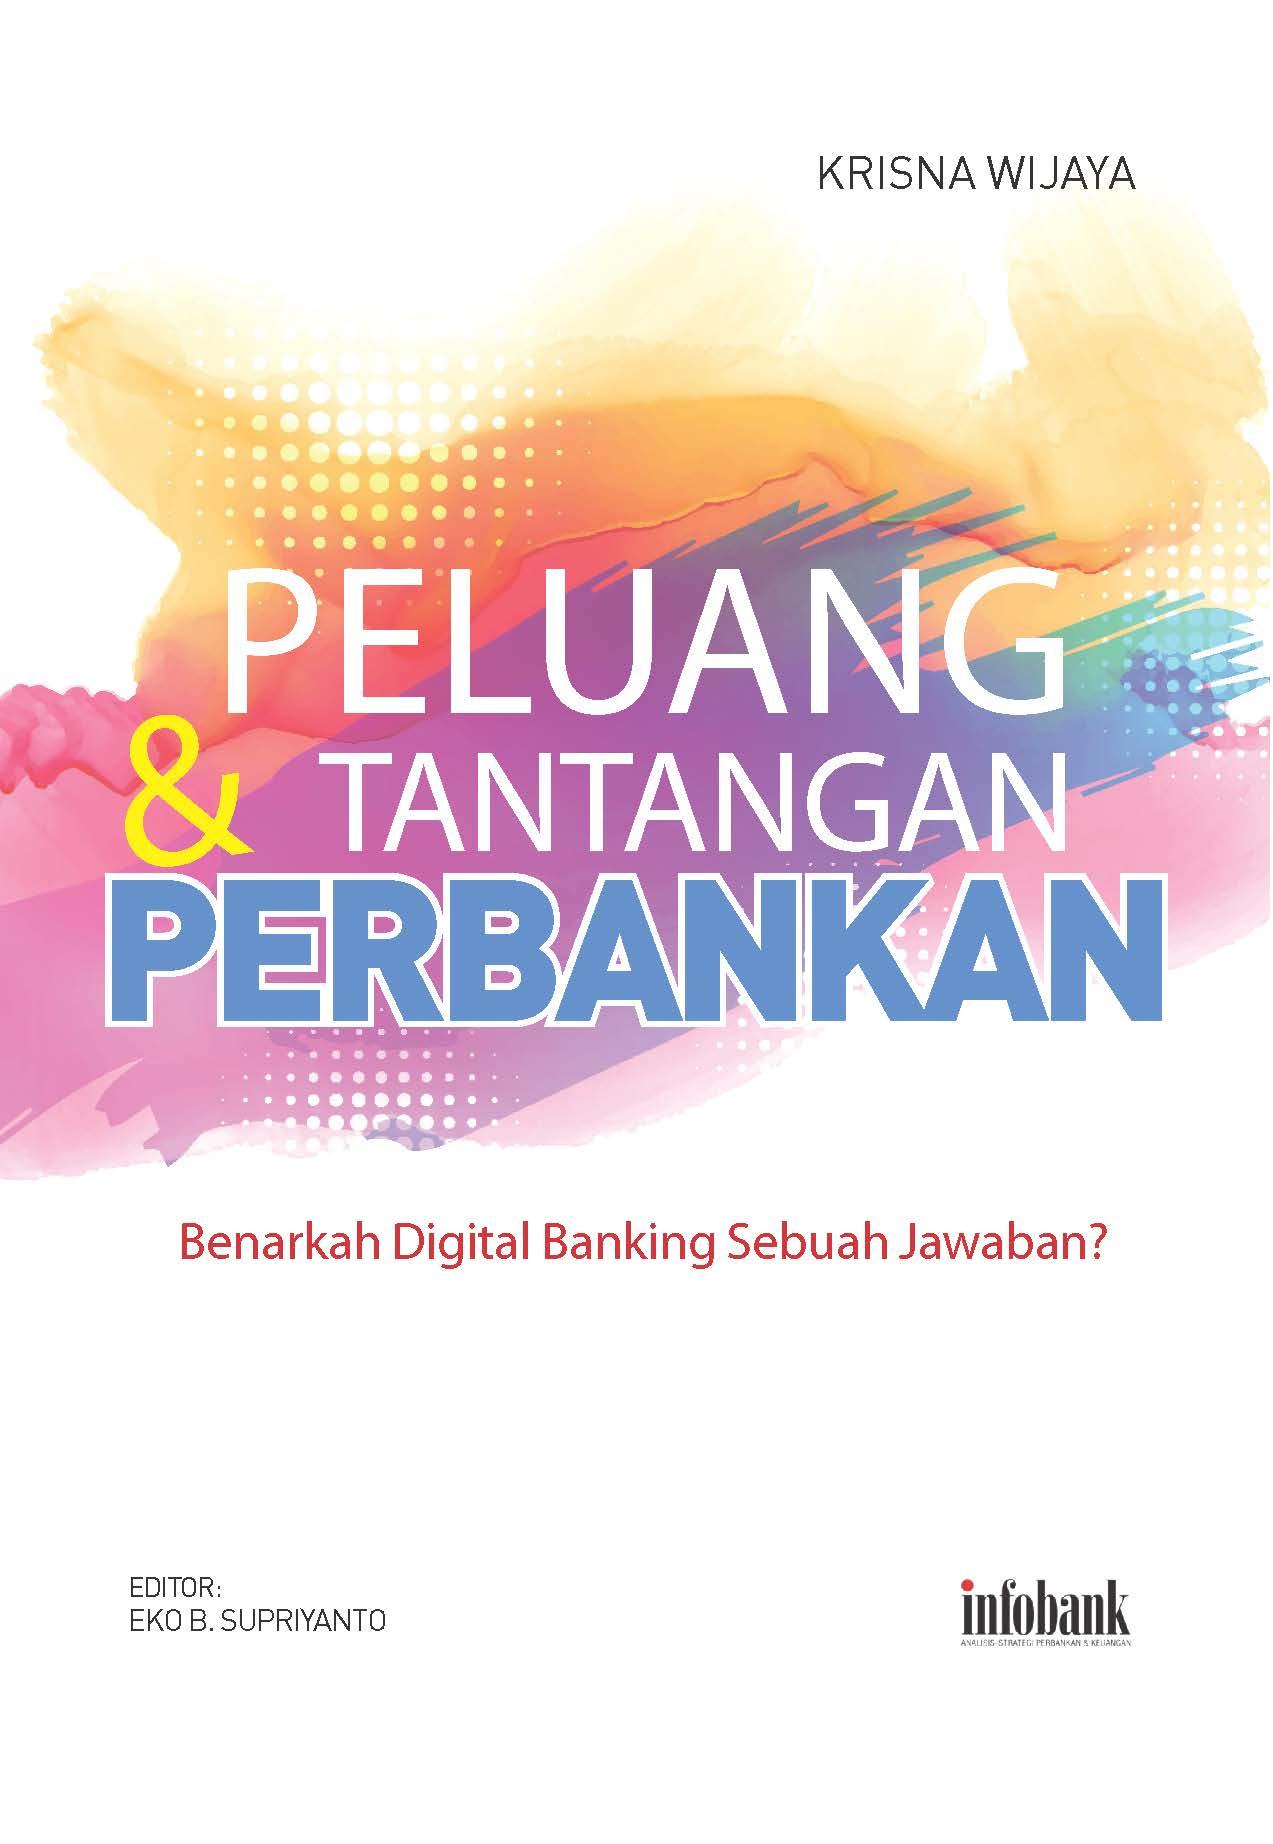 Peluang & Tantangan Perbankan: Benarkah Digital Banking Sebuah Jawaban?